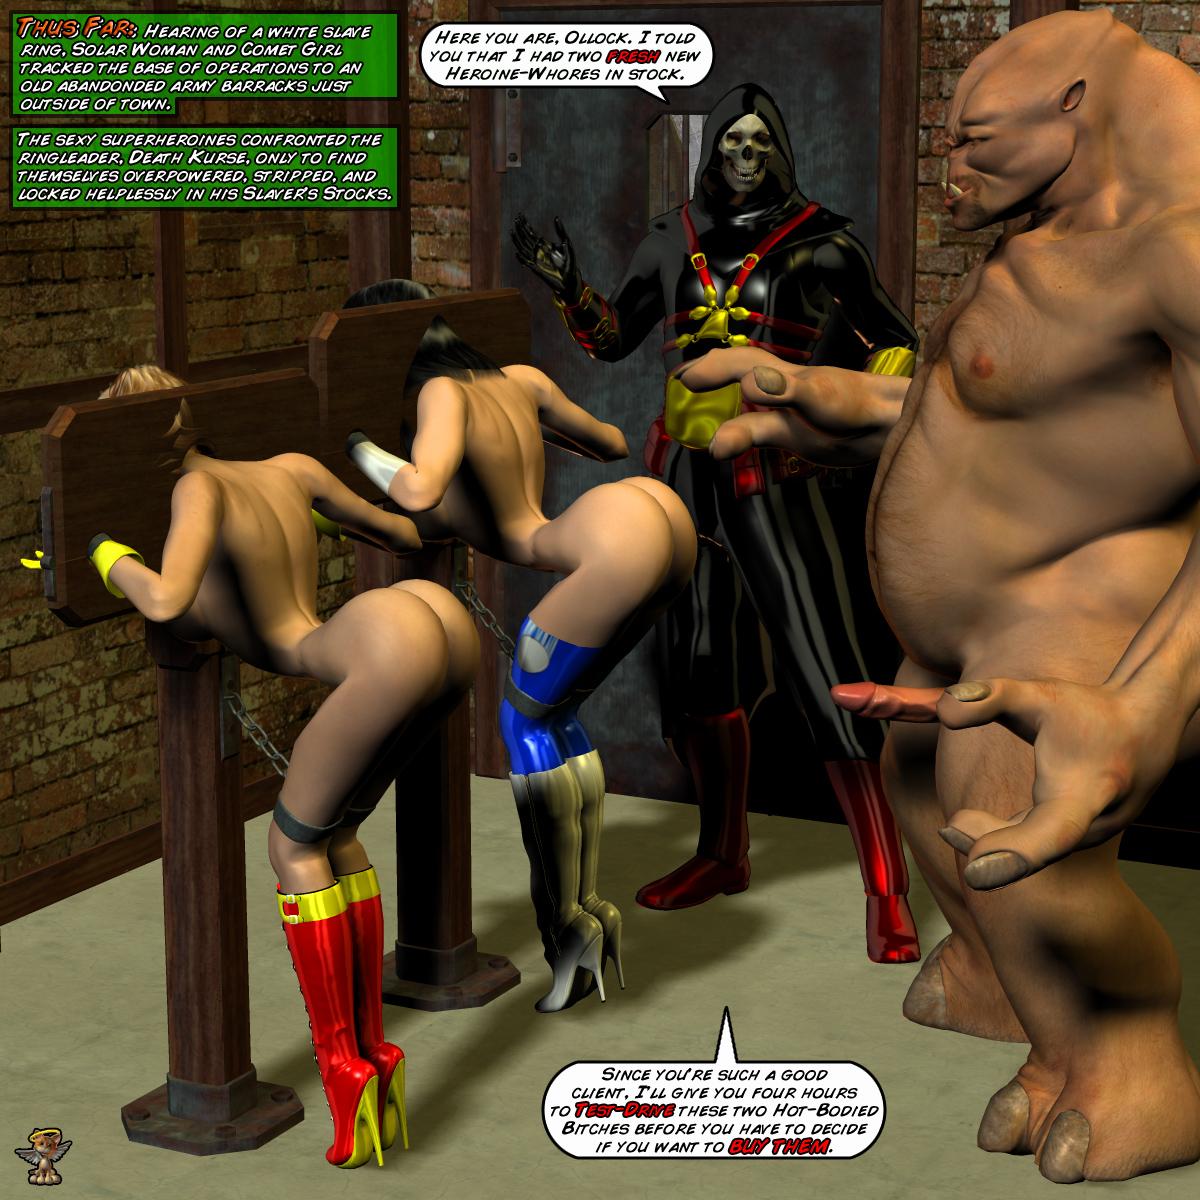 3d monster having sex women porn scenes